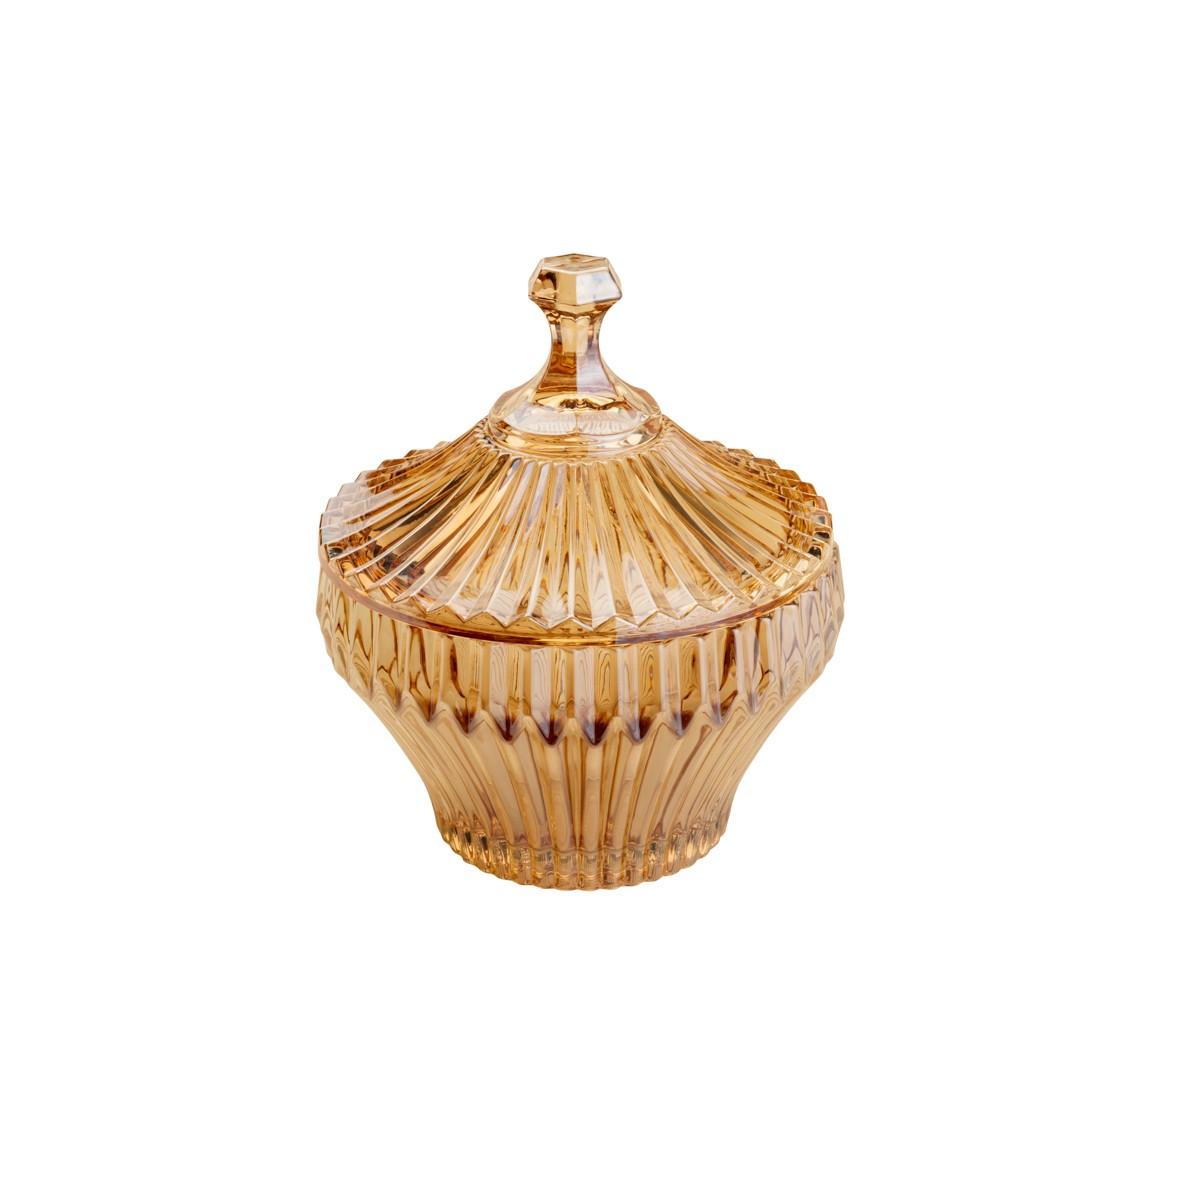 Bomboniere de Cristal 13cm Renaissance Ambar 7234 - Lyor Decor